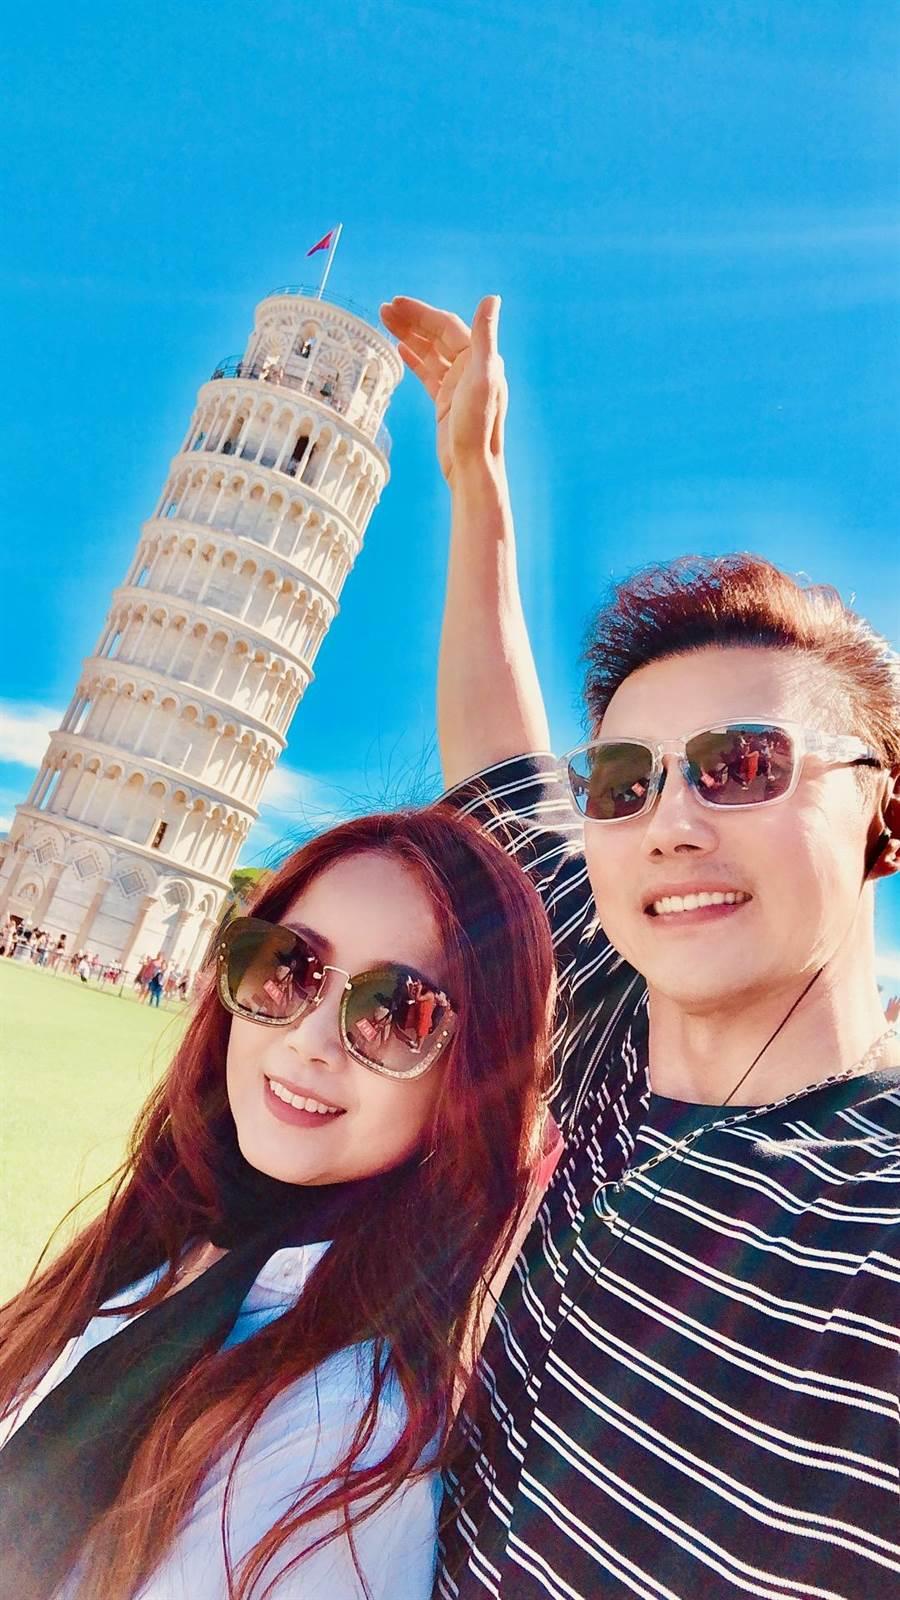 寵妻出名的包偉銘,與老婆劉依純赴義大利慶祝結婚三週年。(翰森娛樂提供)